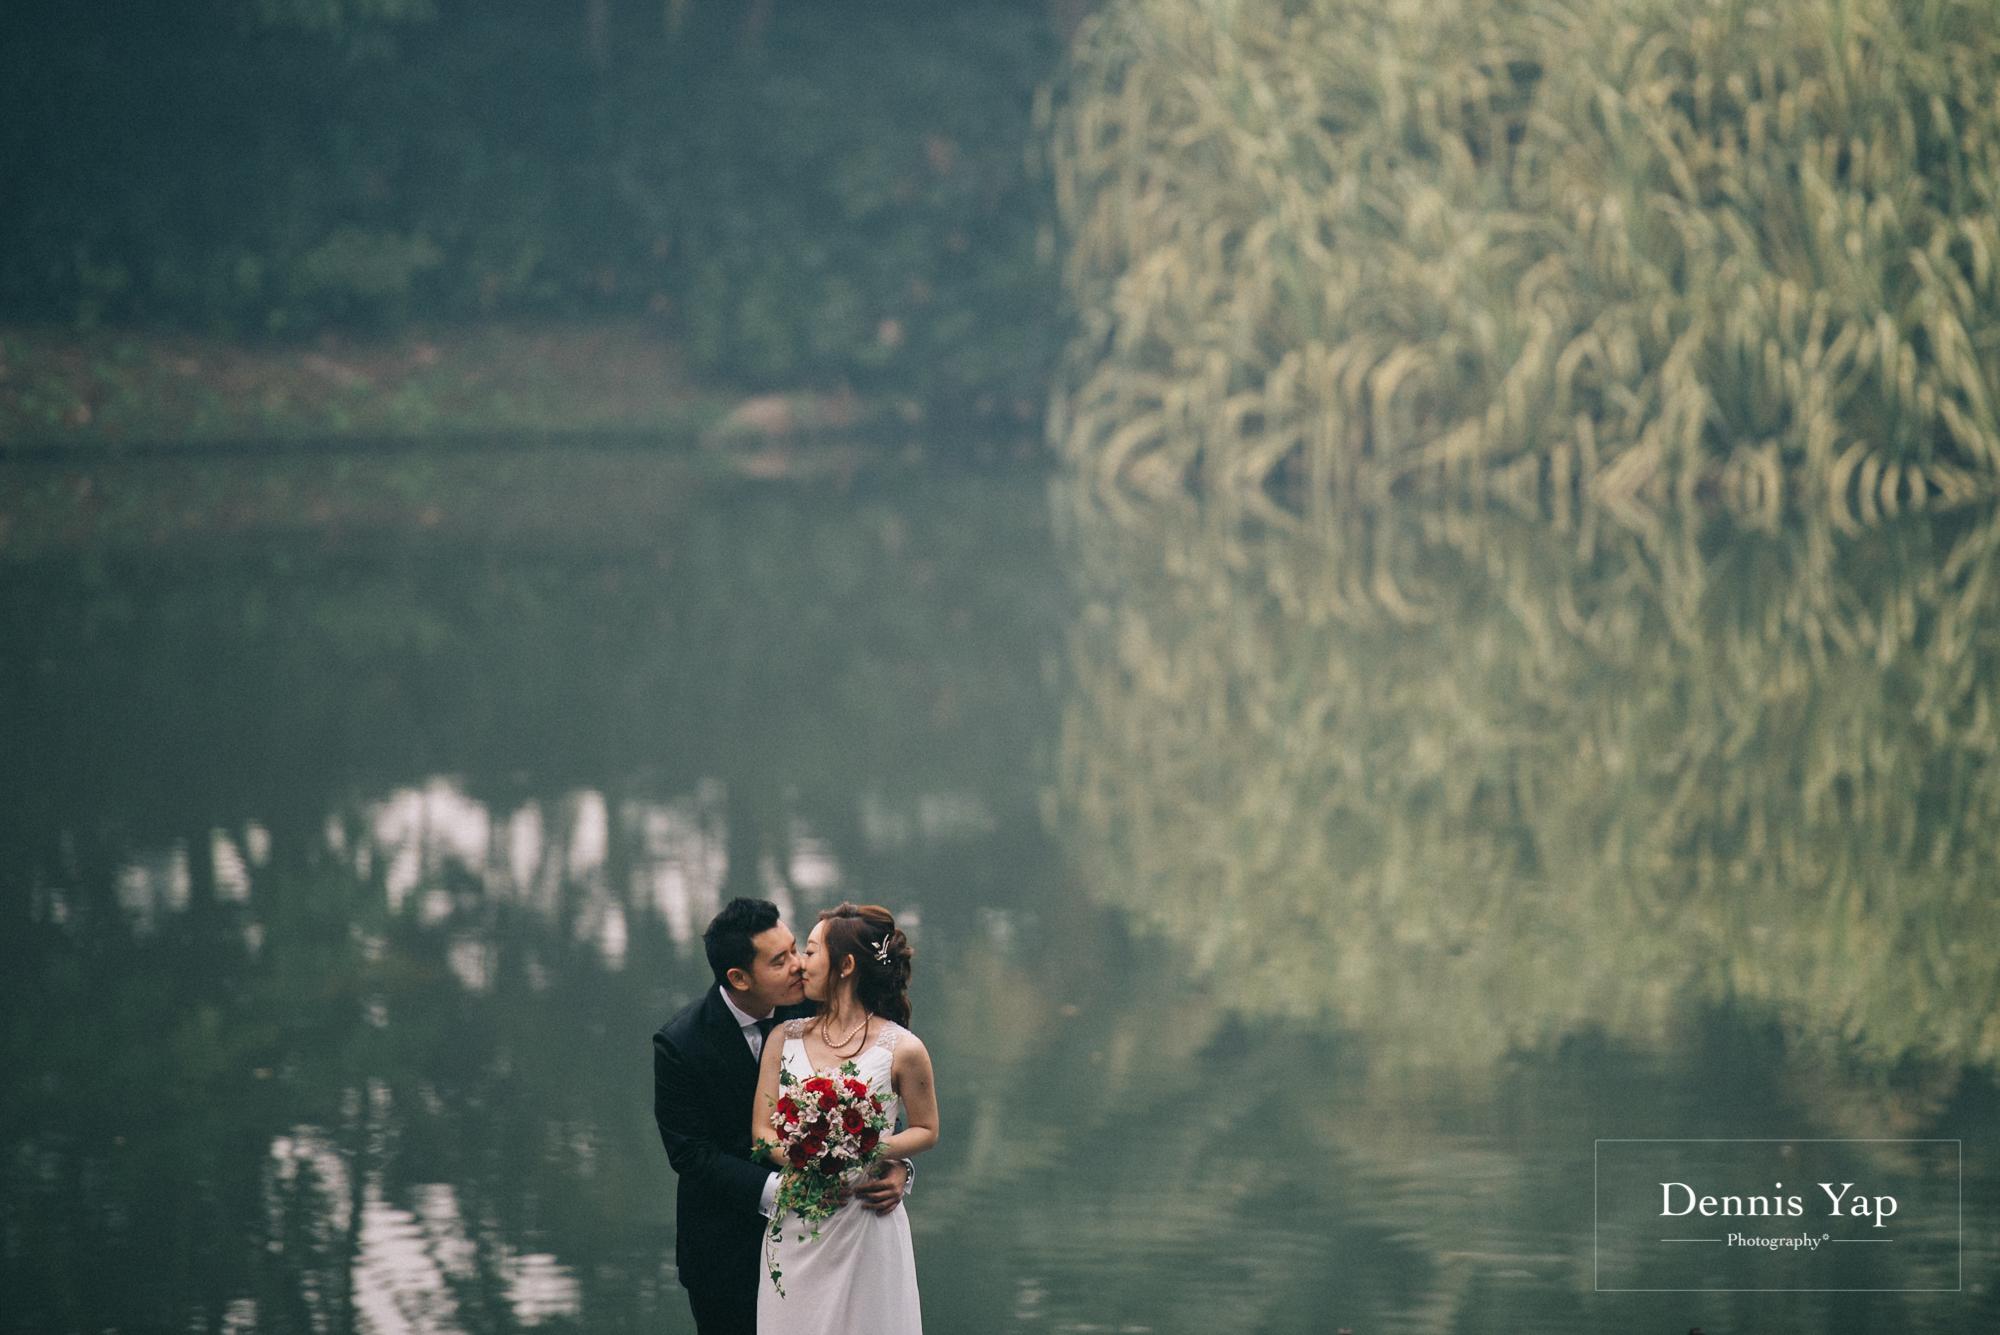 jason su lin rom registration gita bayu serdang wedding reception ceremony dennis yap photography fog malaysia-9.jpg